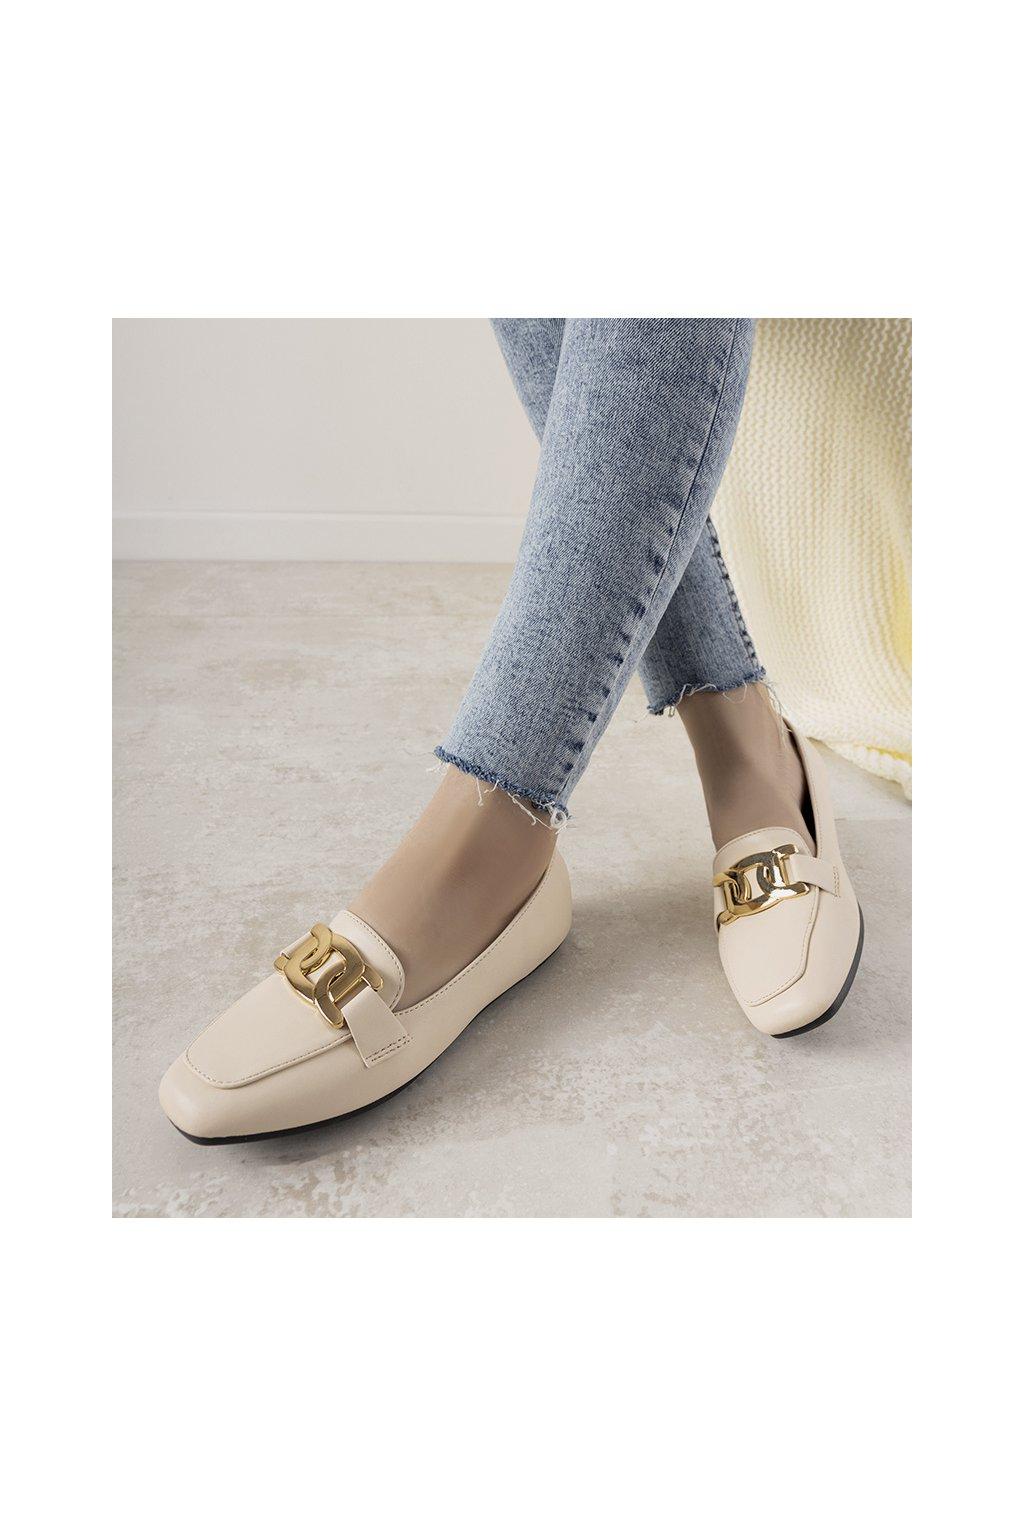 Dámske topánky mokasíny hnedé kód G0-26 - GM